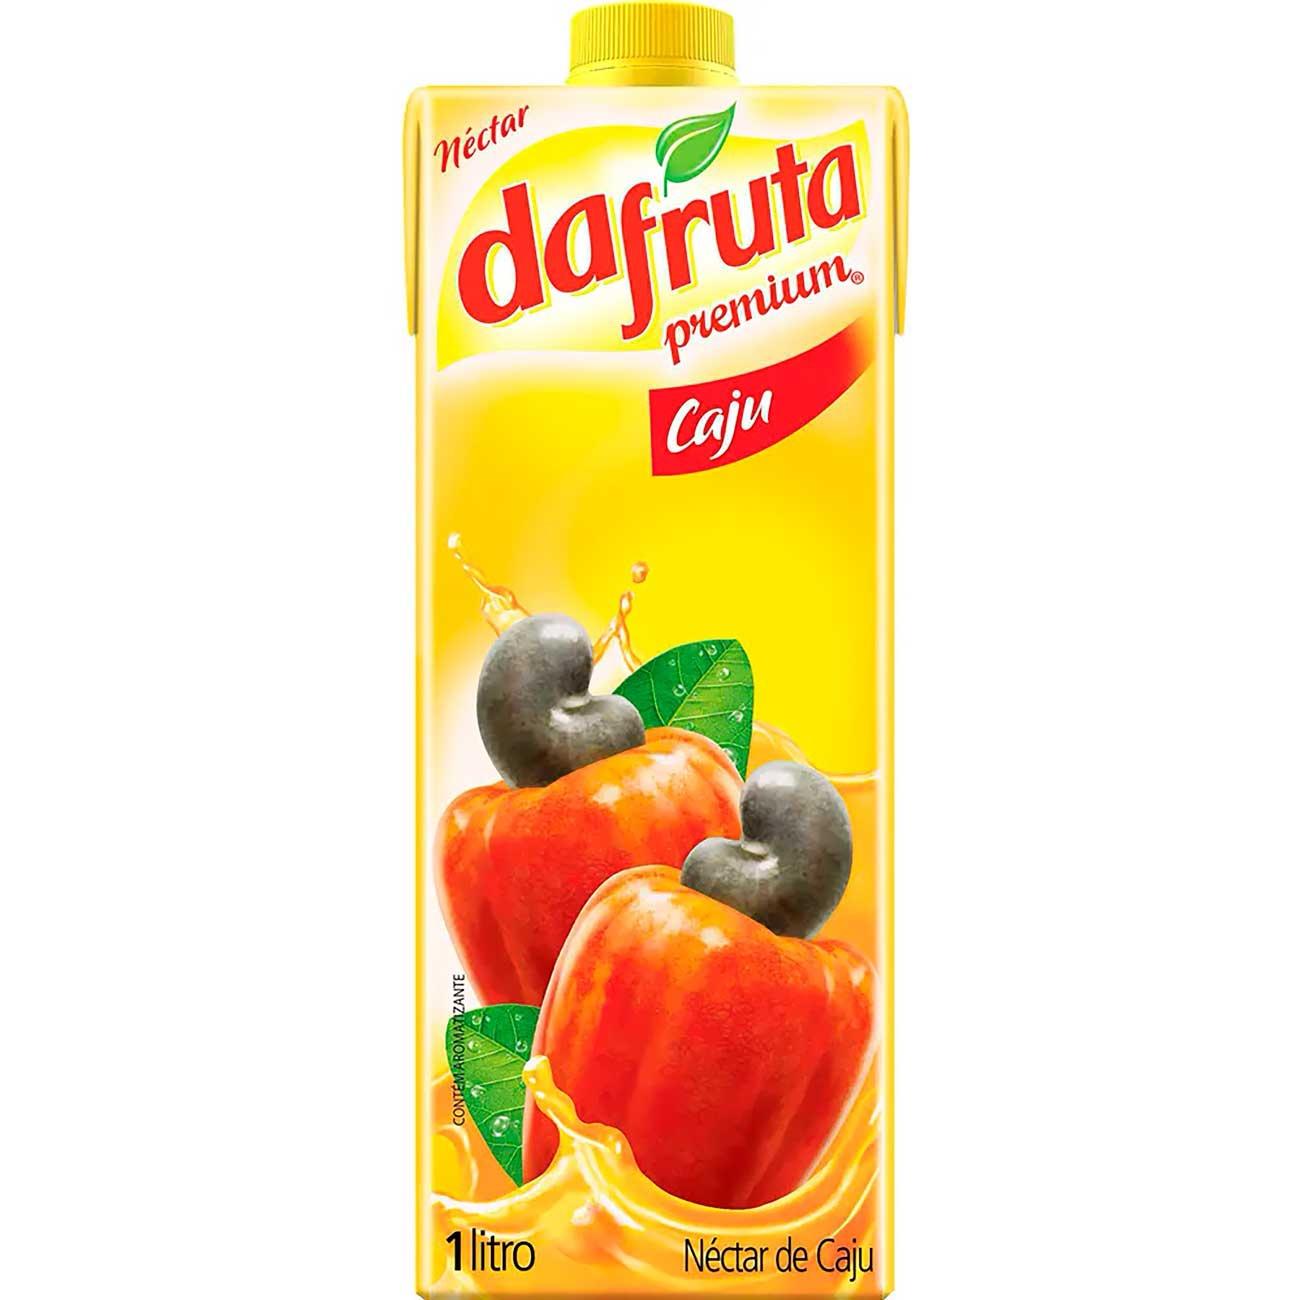 Suco Dafruta Caju Tp 1L | Caixa com 12 unidades